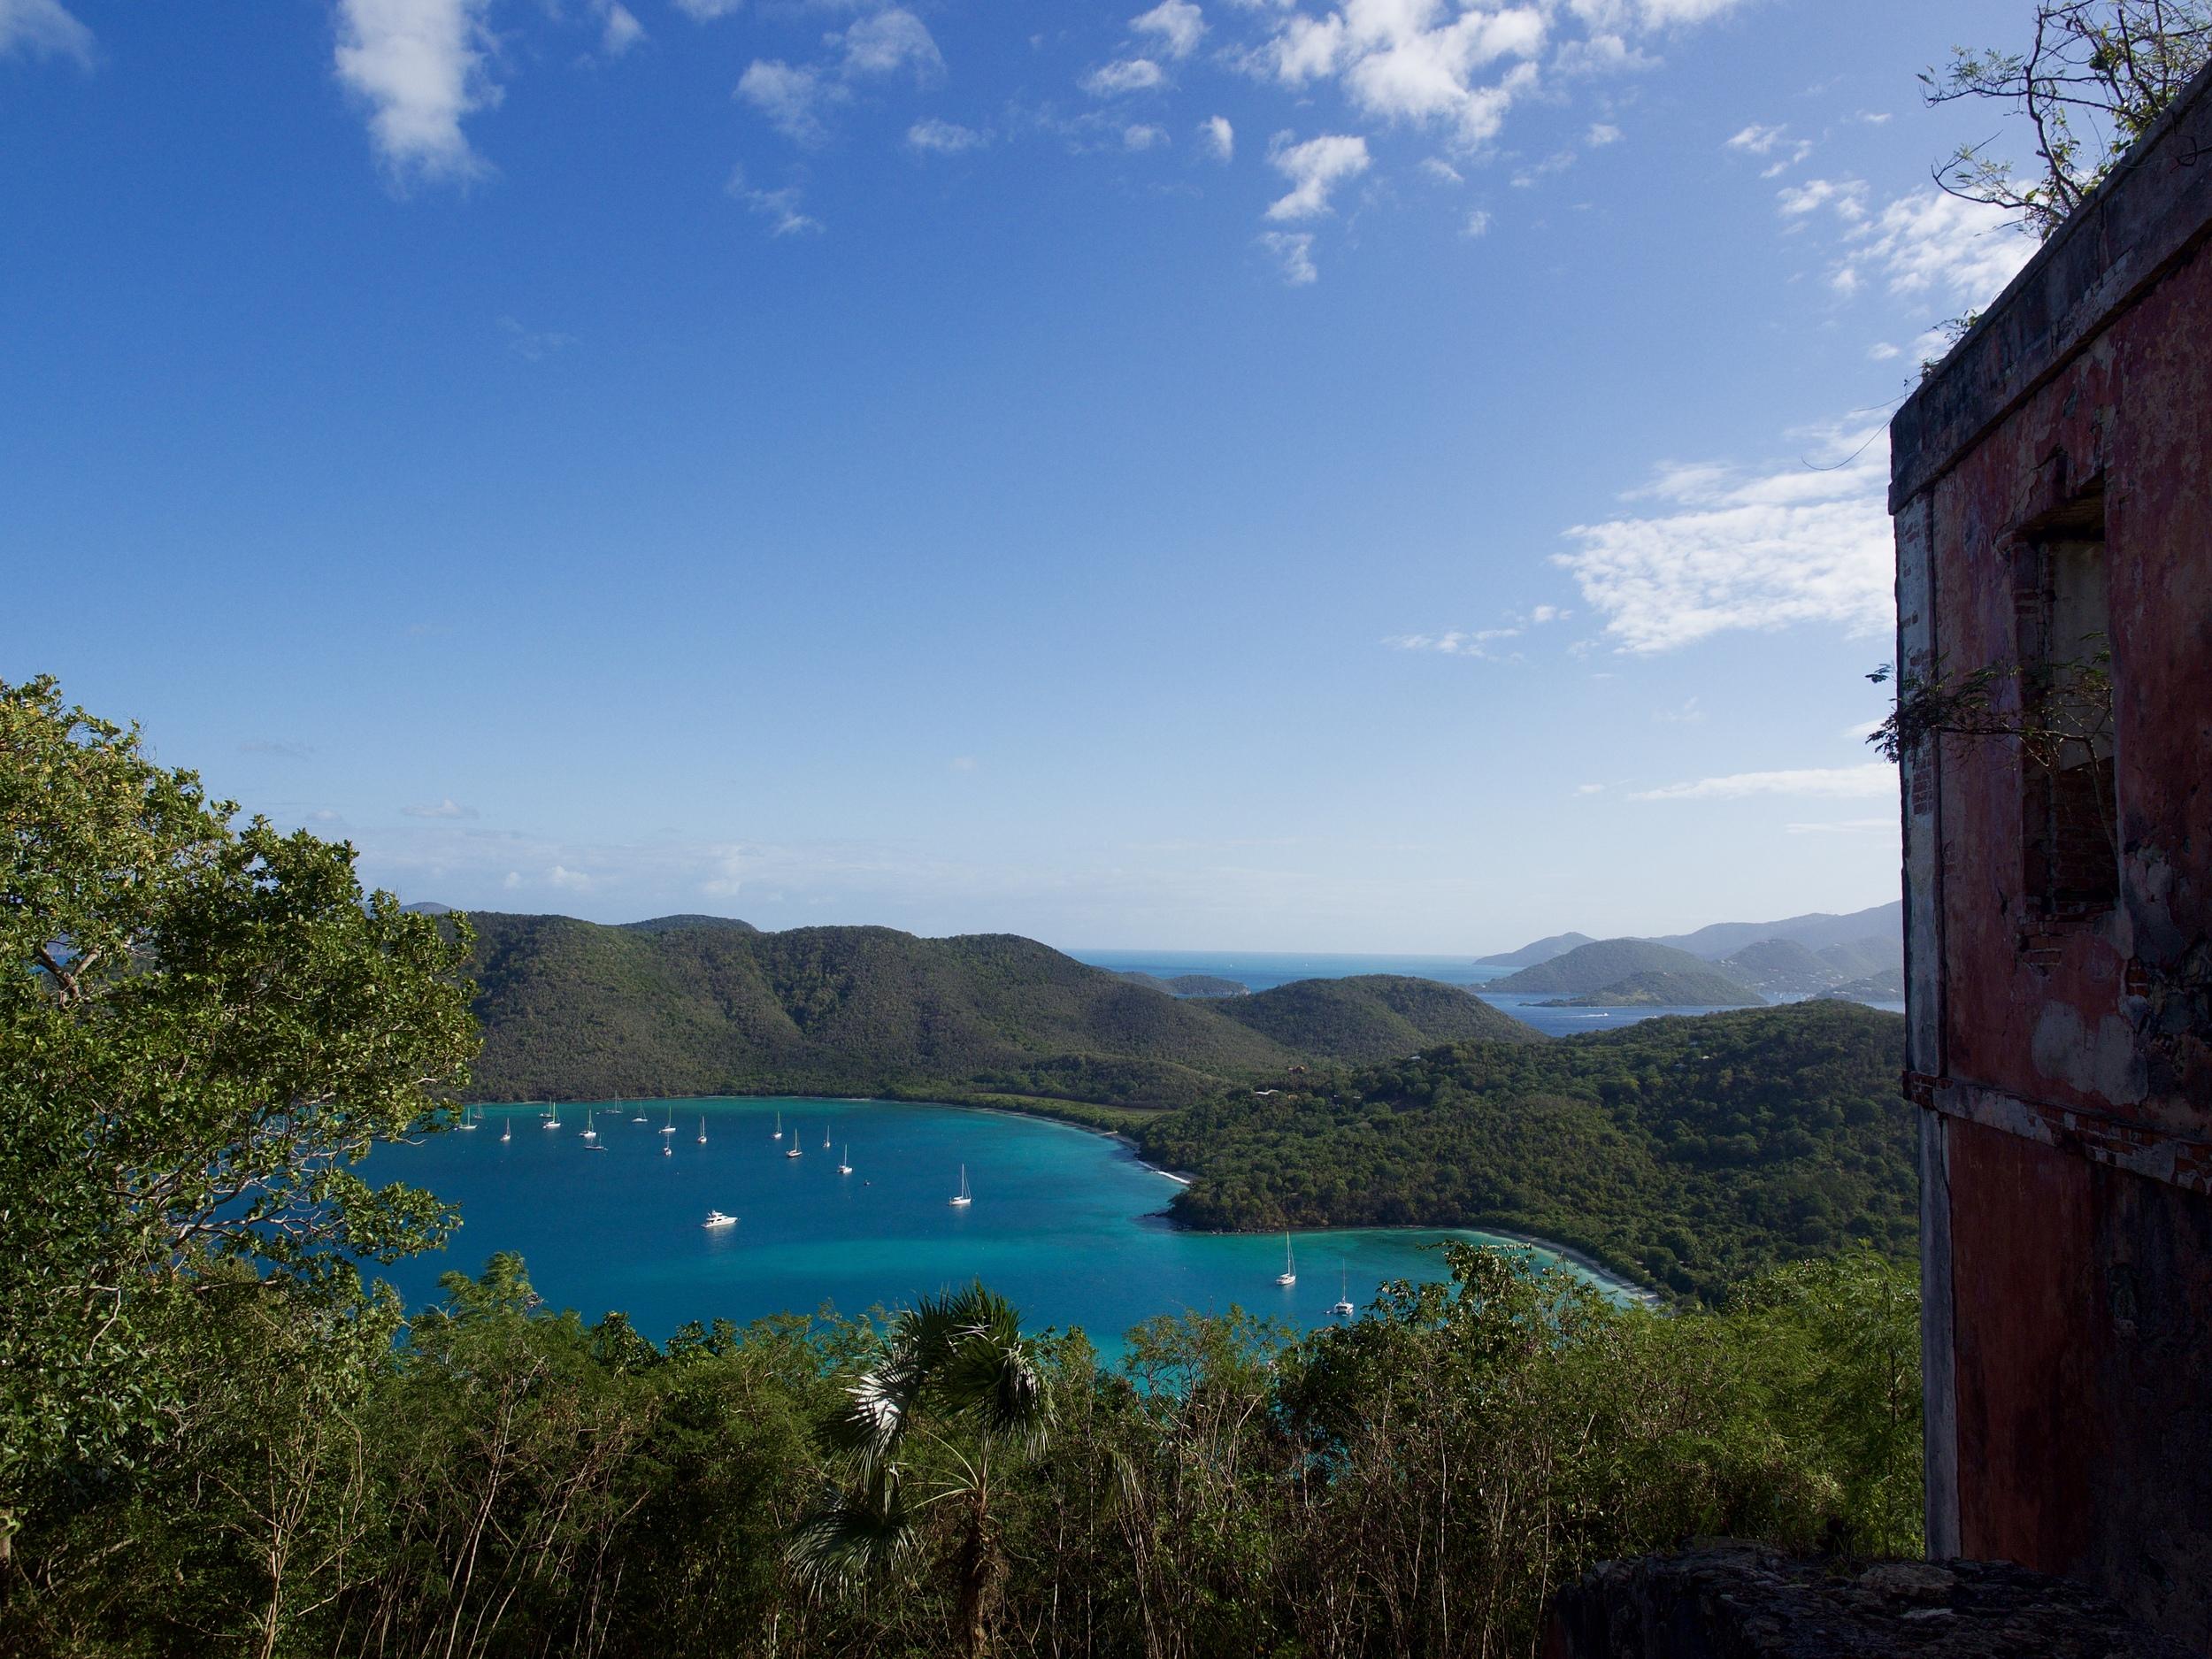 Maho Bay